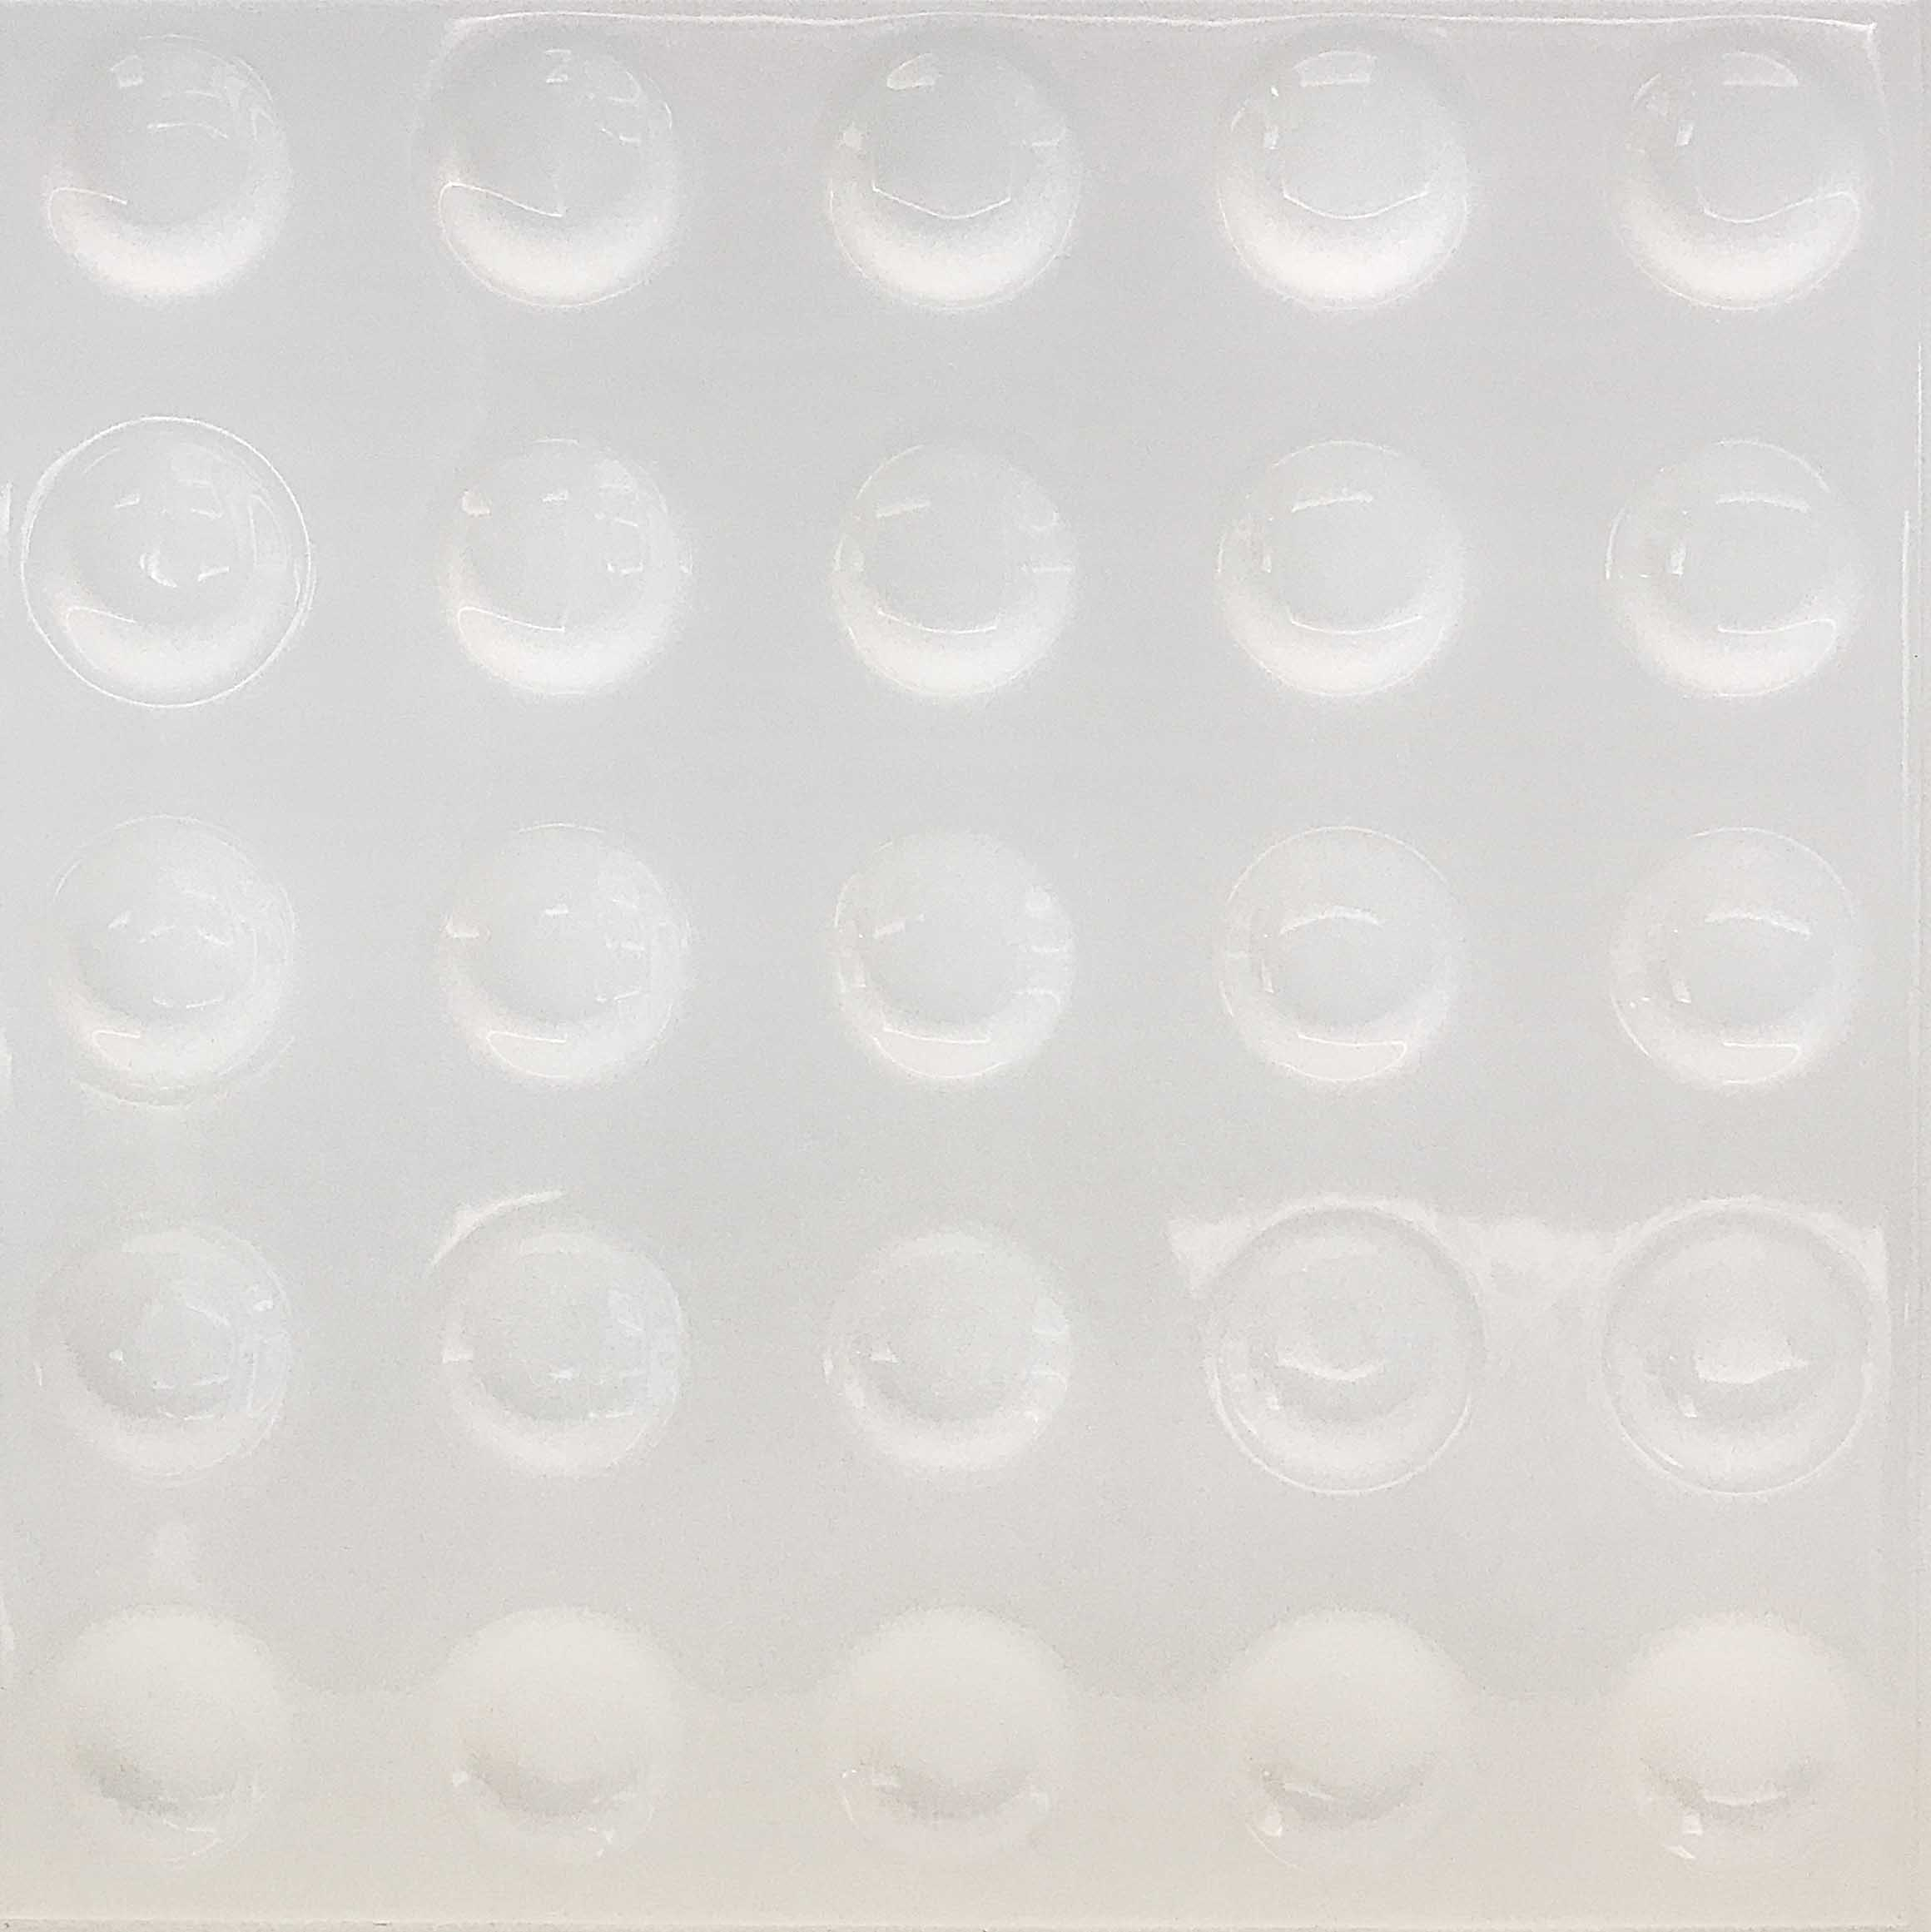 Zero Bianco Glossy 20 x 20